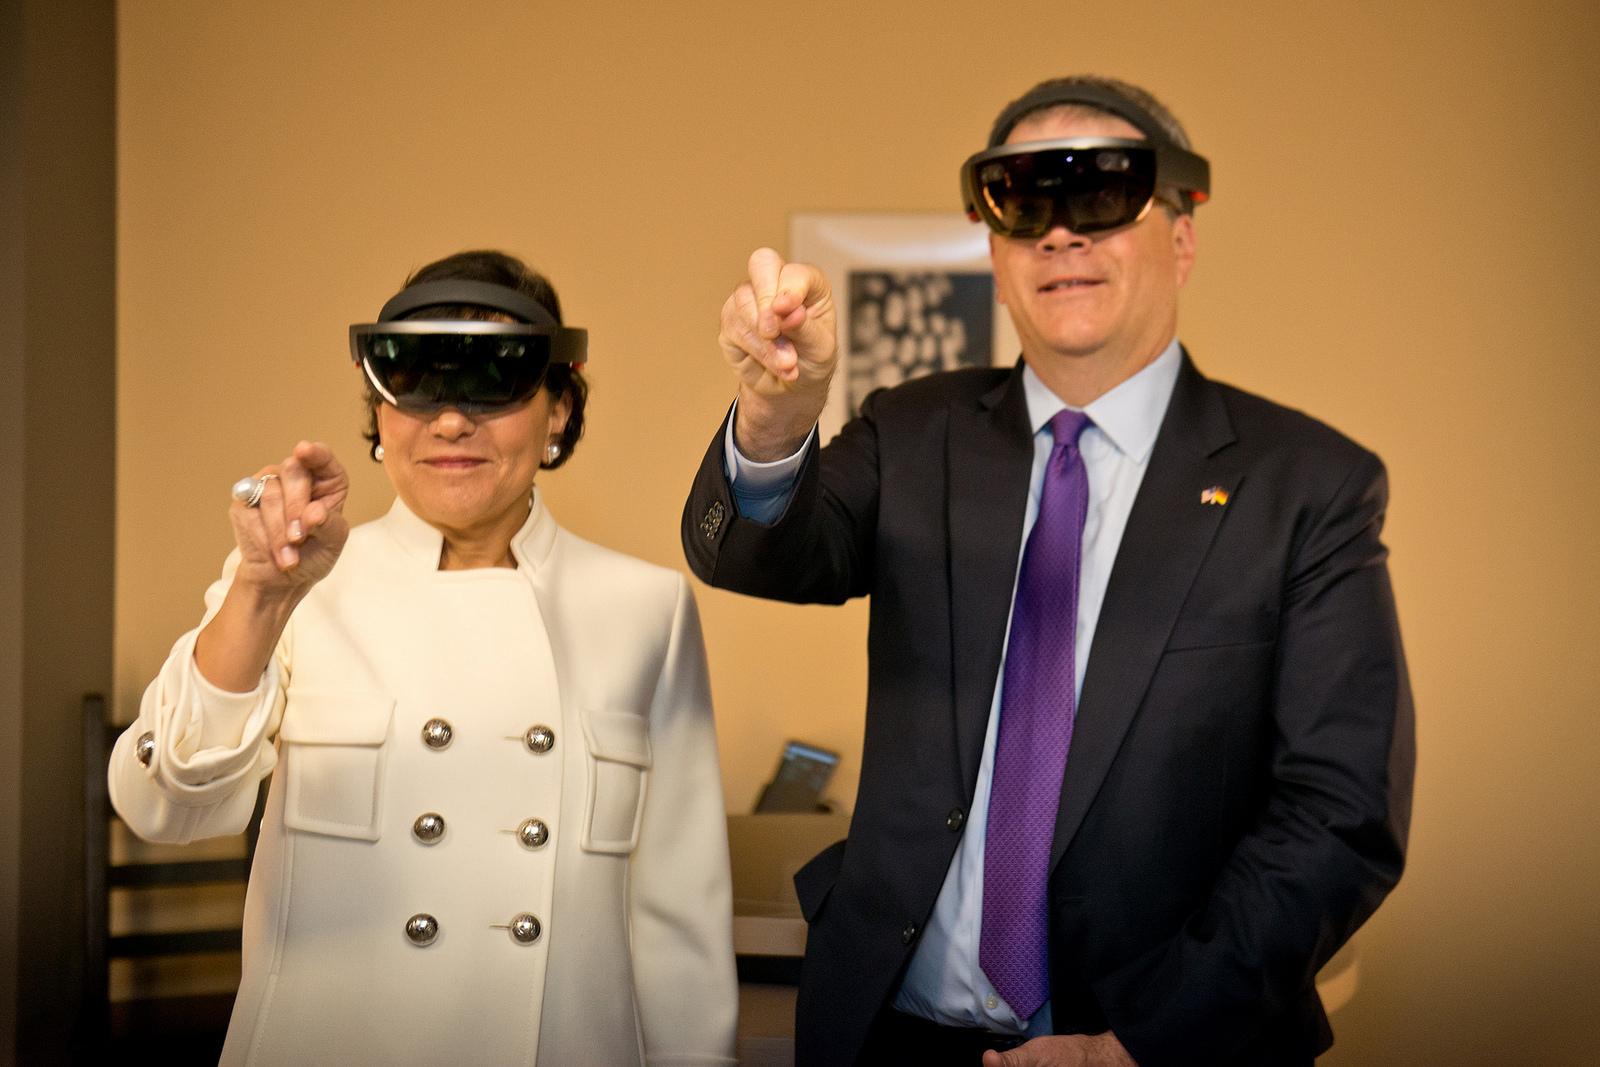 Conheça o processador que dá vida aos HoloLens da Microsoft